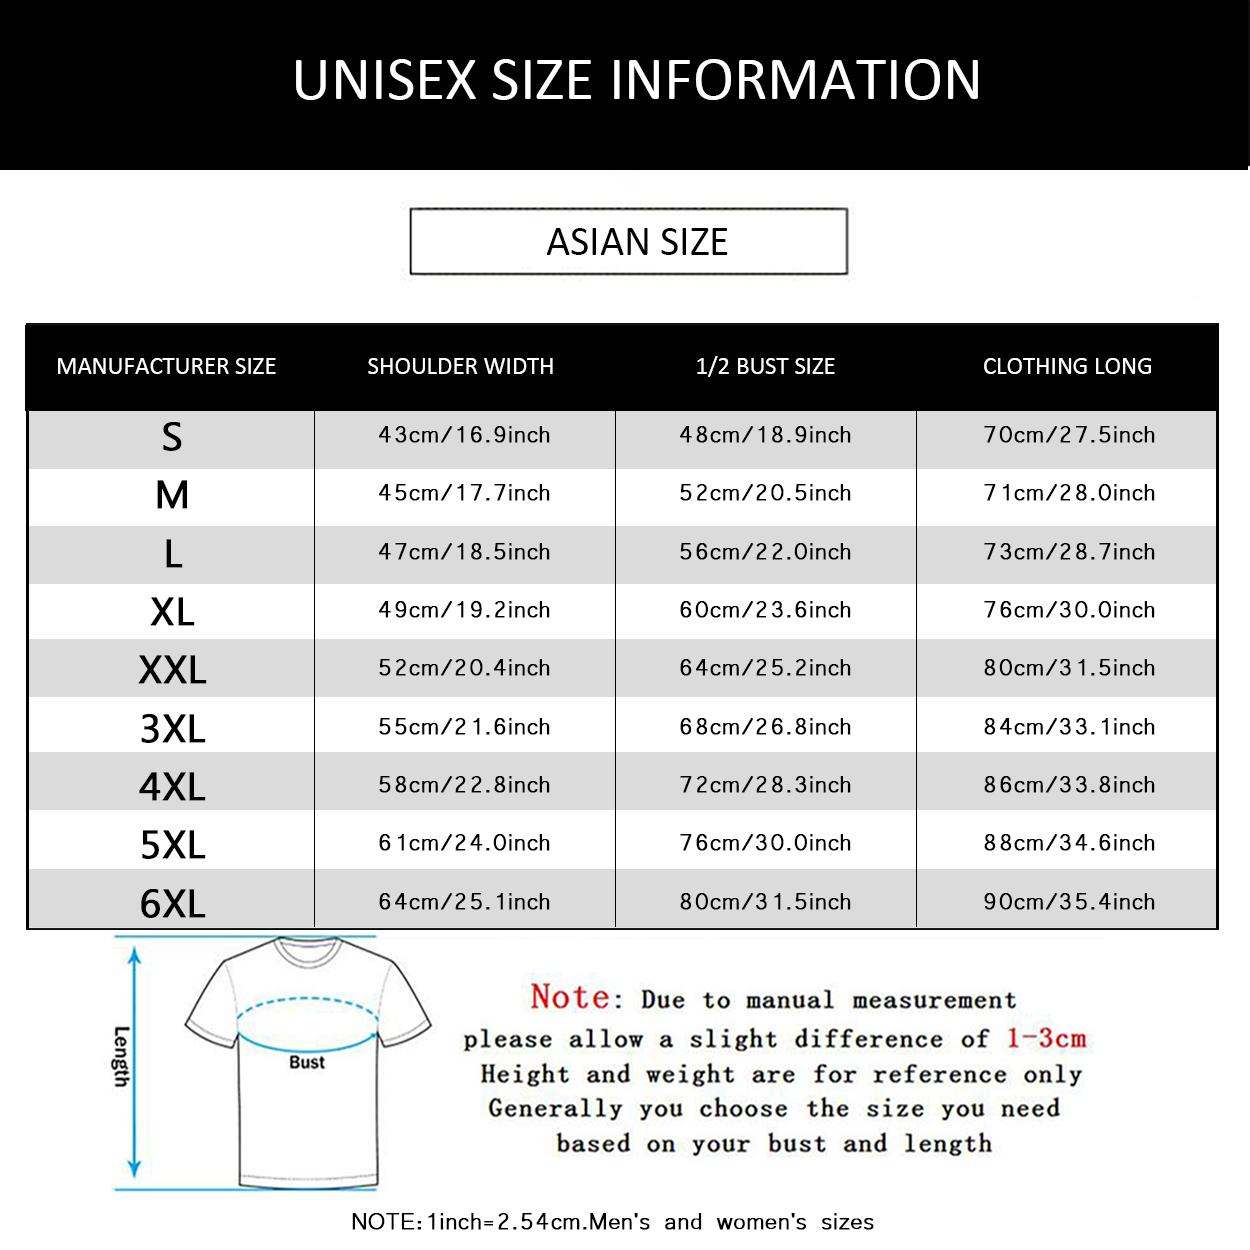 07 Biala Smieszna Koszulka Polska Alkohol Smieszne Koszulki Polski2021 Fashion T-shirtable Brand 566%cotton Printed Round Neck T